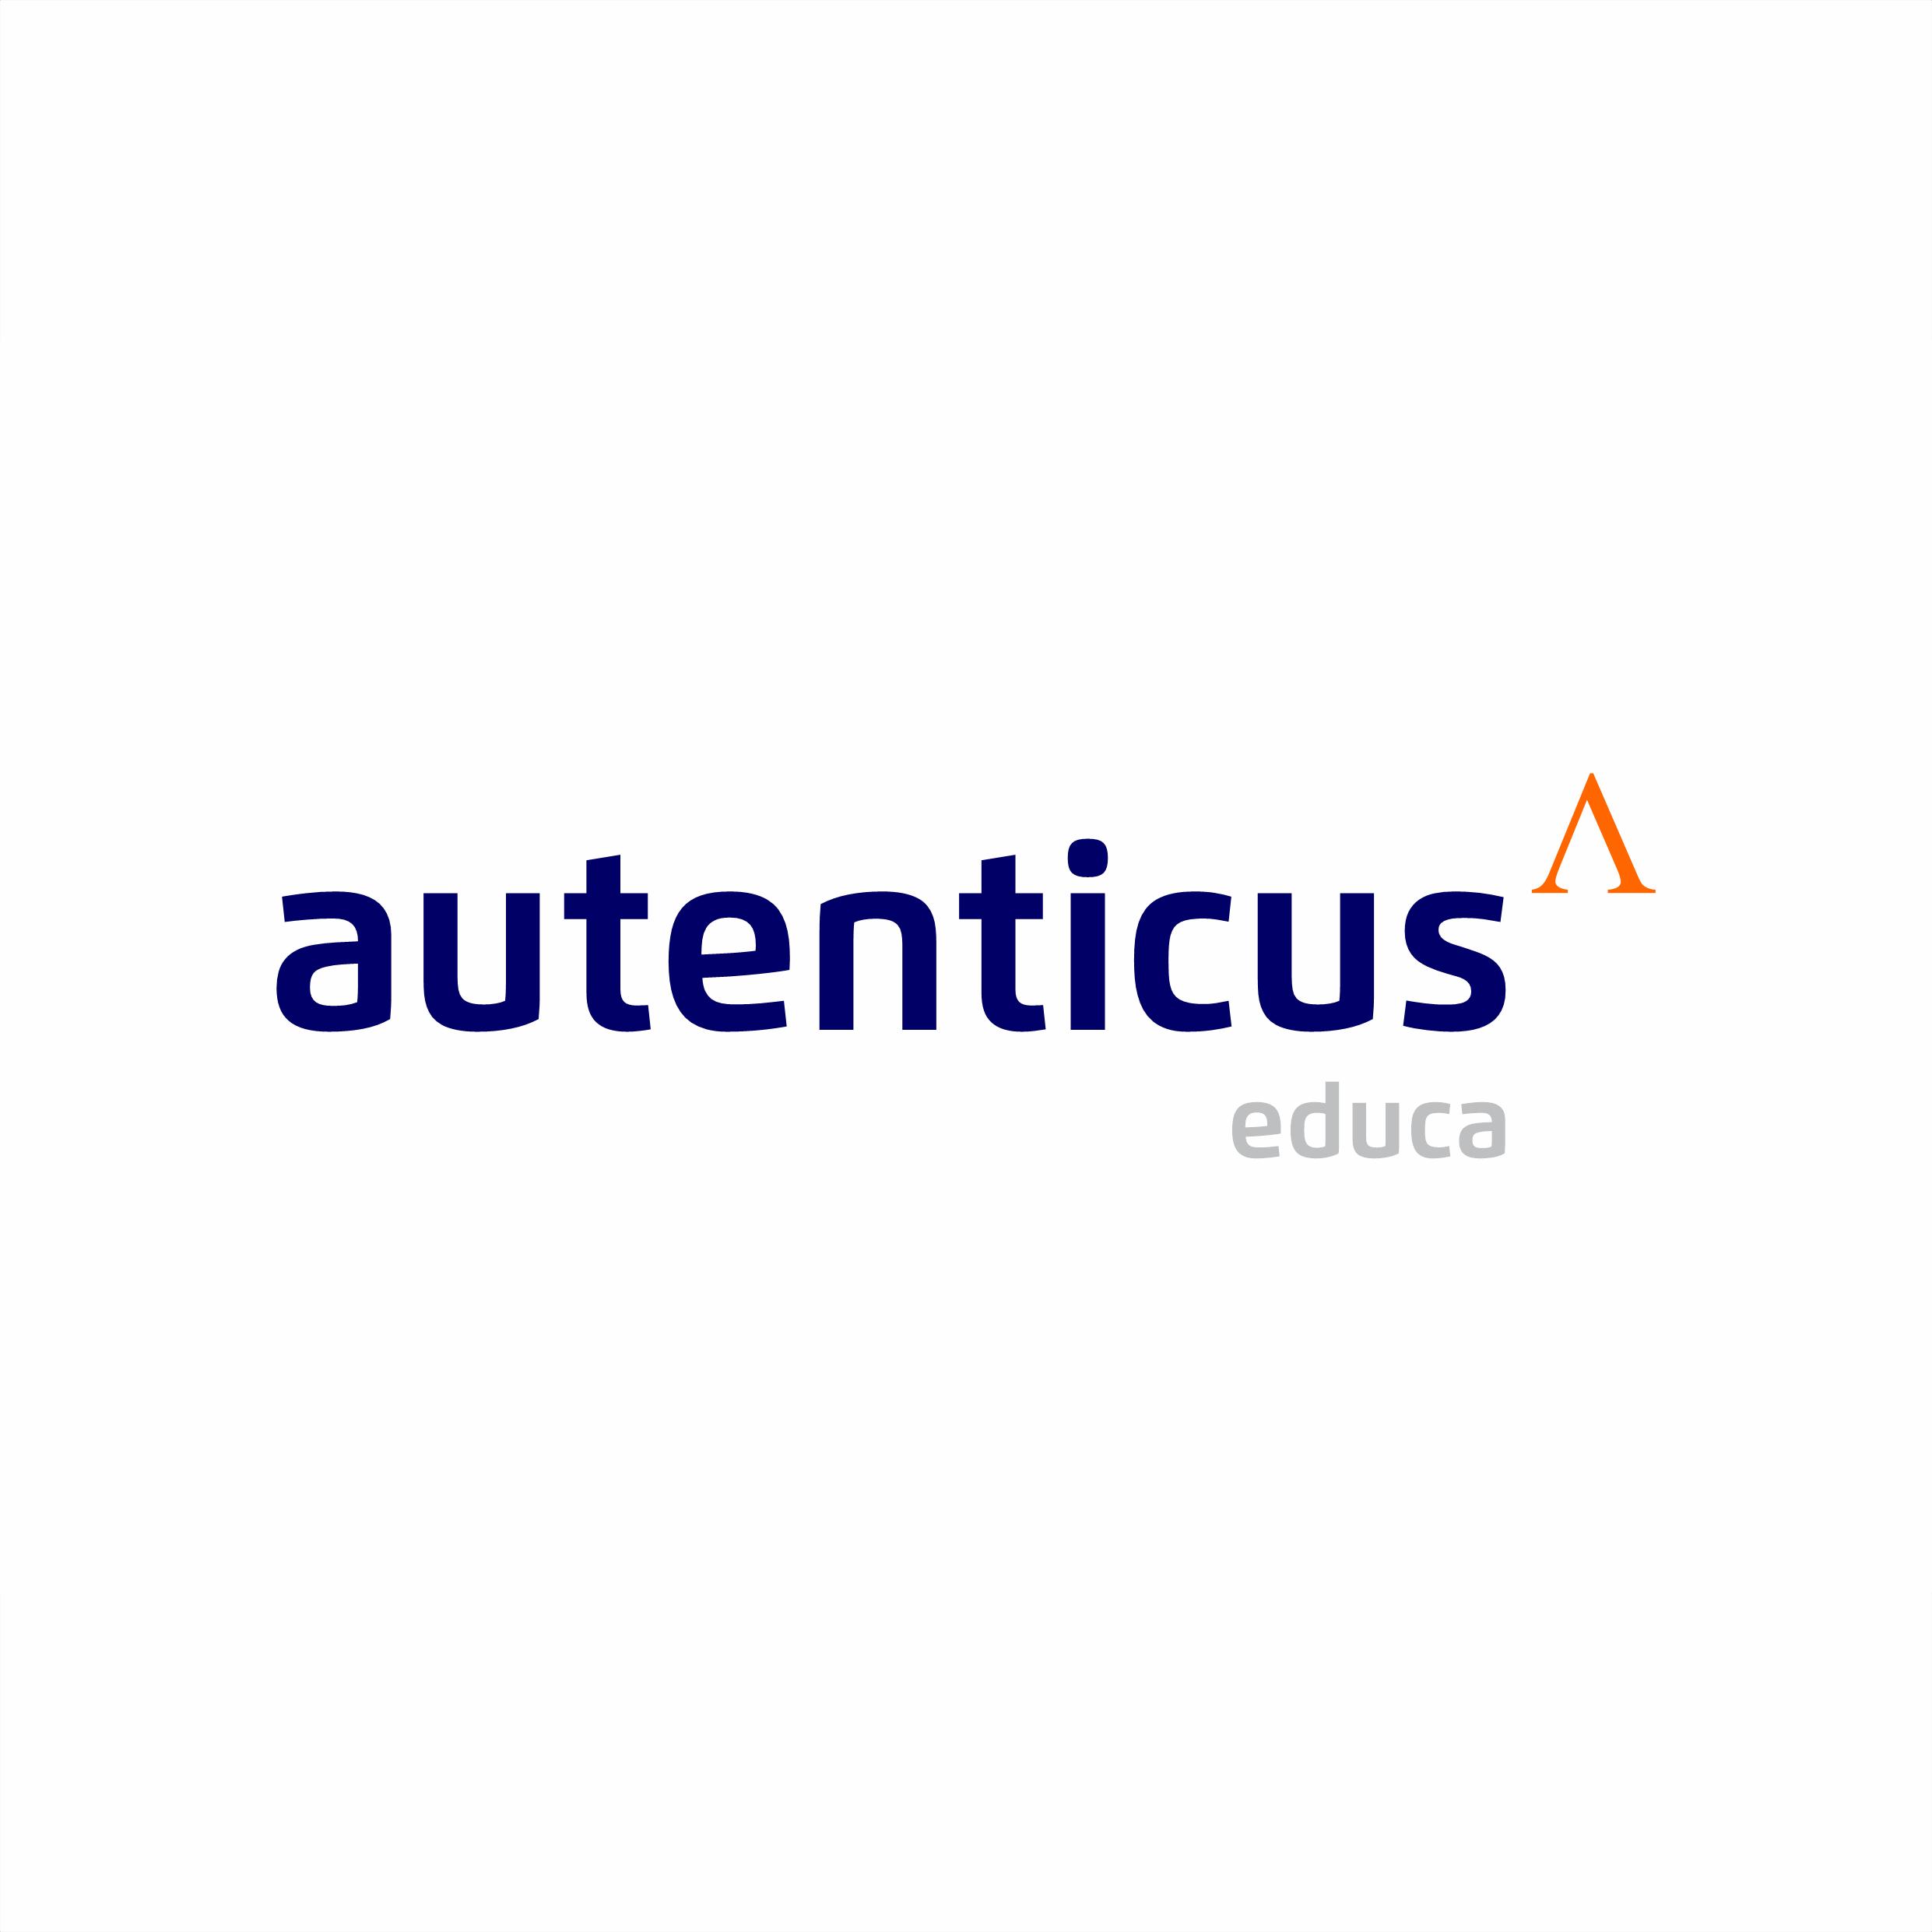 Autenticus Educa - Abresc |